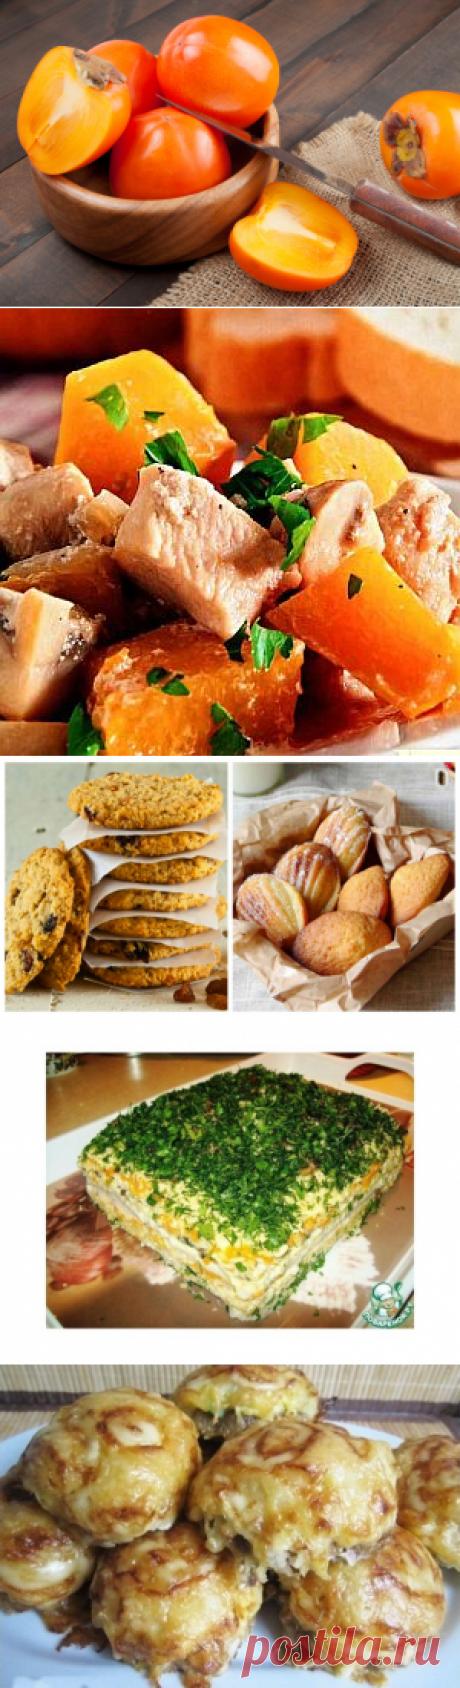 Замечательные рецепты из хурмы